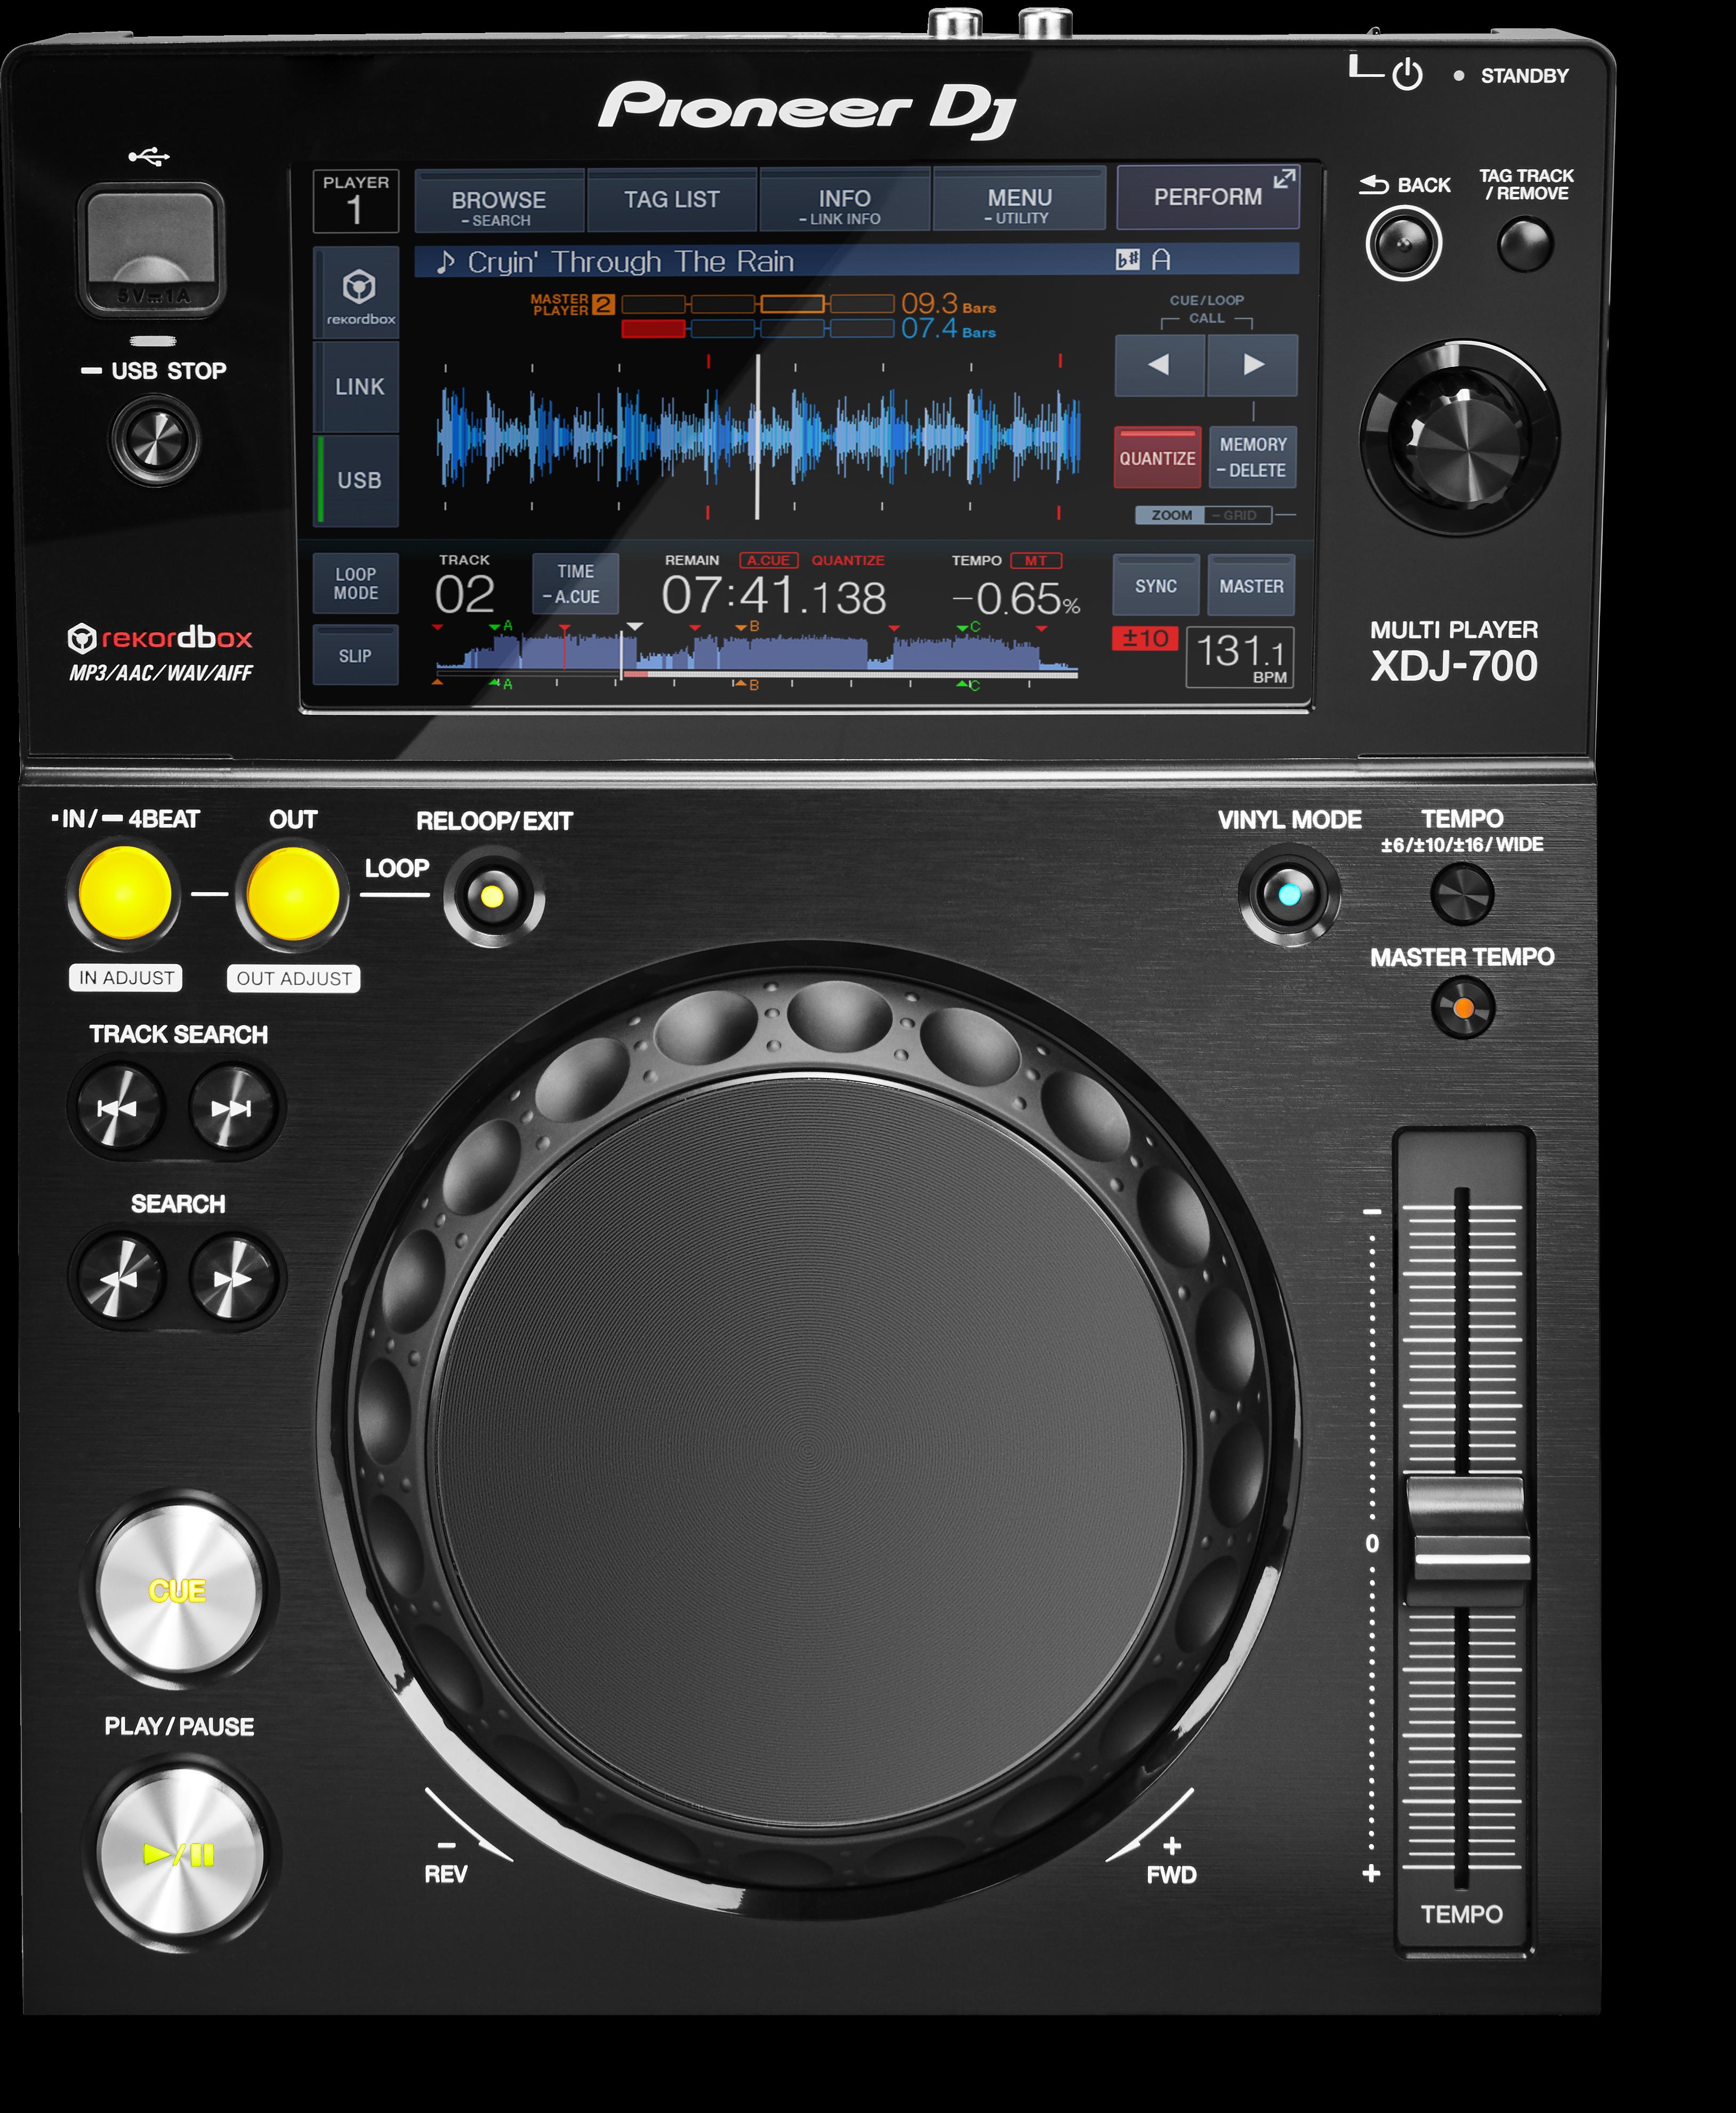 XDJ-700 main